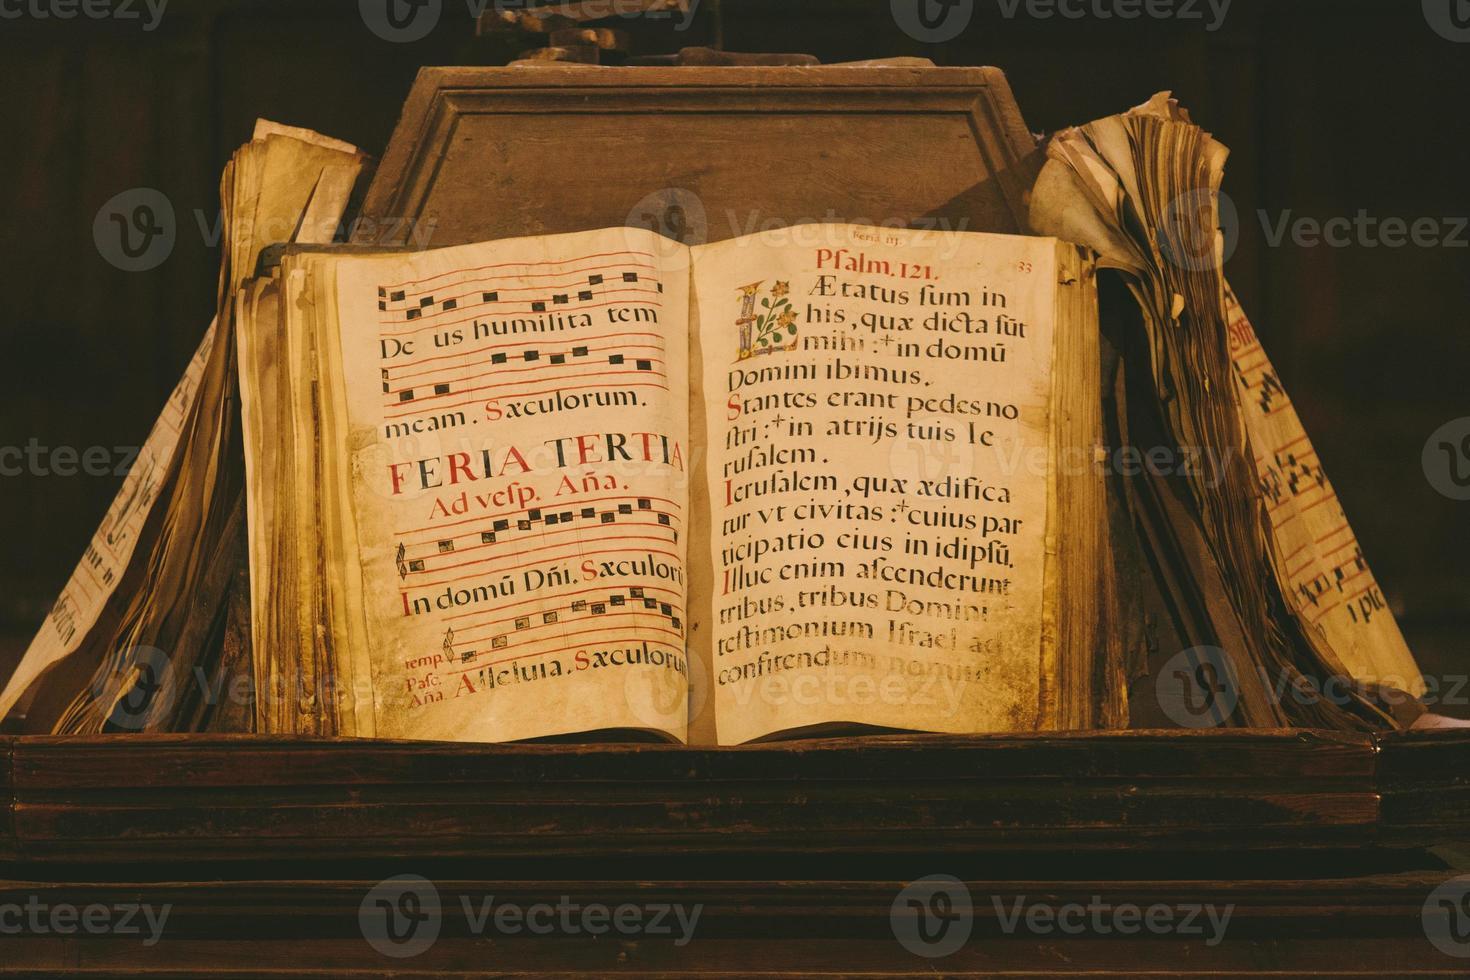 livro medieval antigo foto